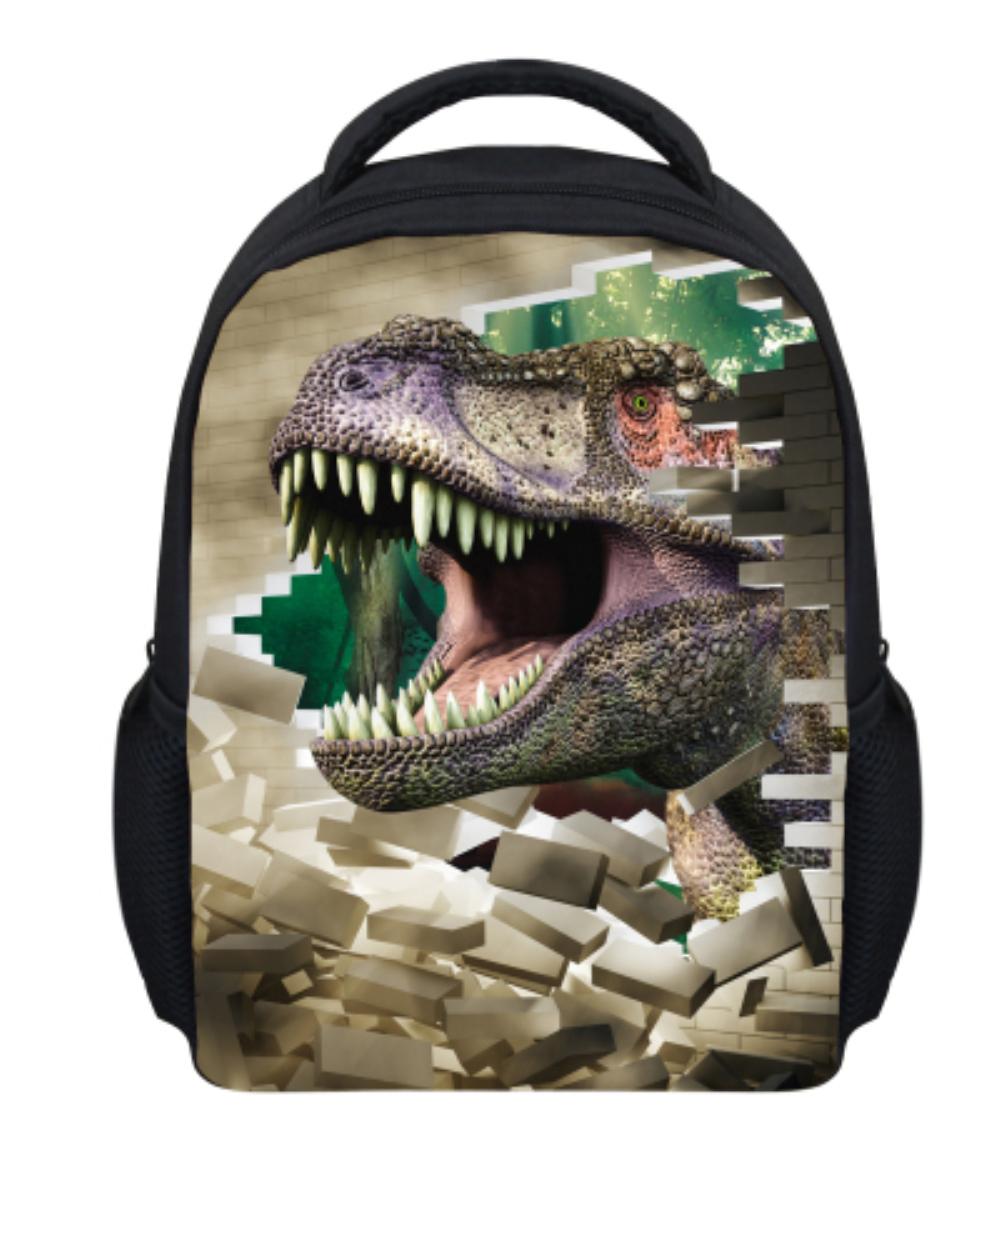 U Bag Kids Backpack Crazy Backpacks